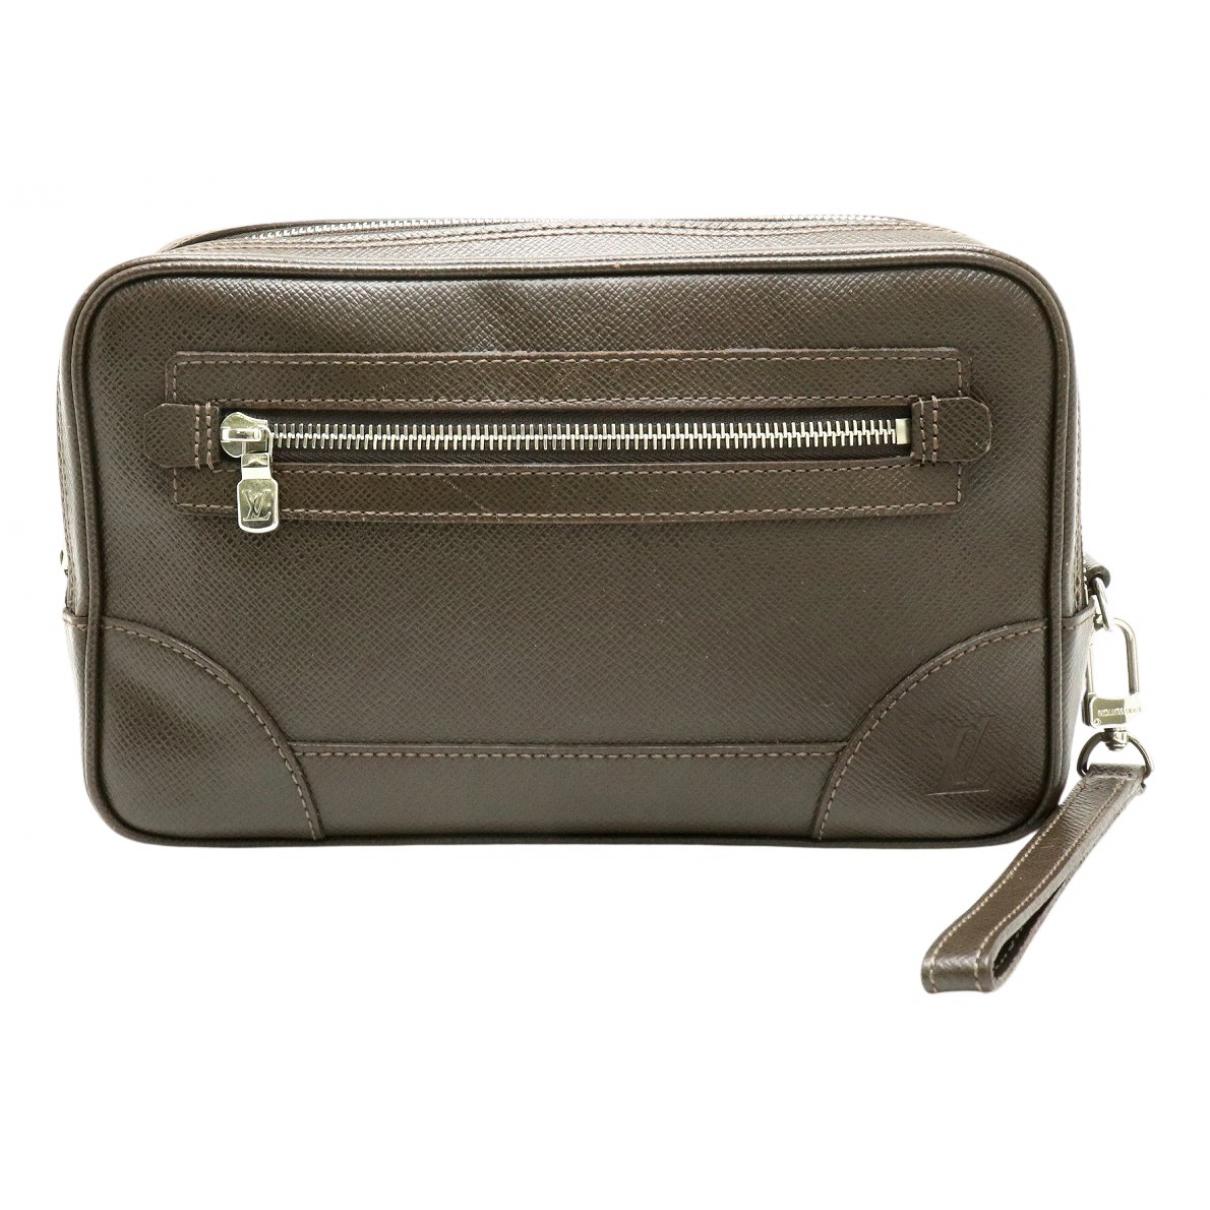 Louis Vuitton - Pochette   pour femme en cuir - gris